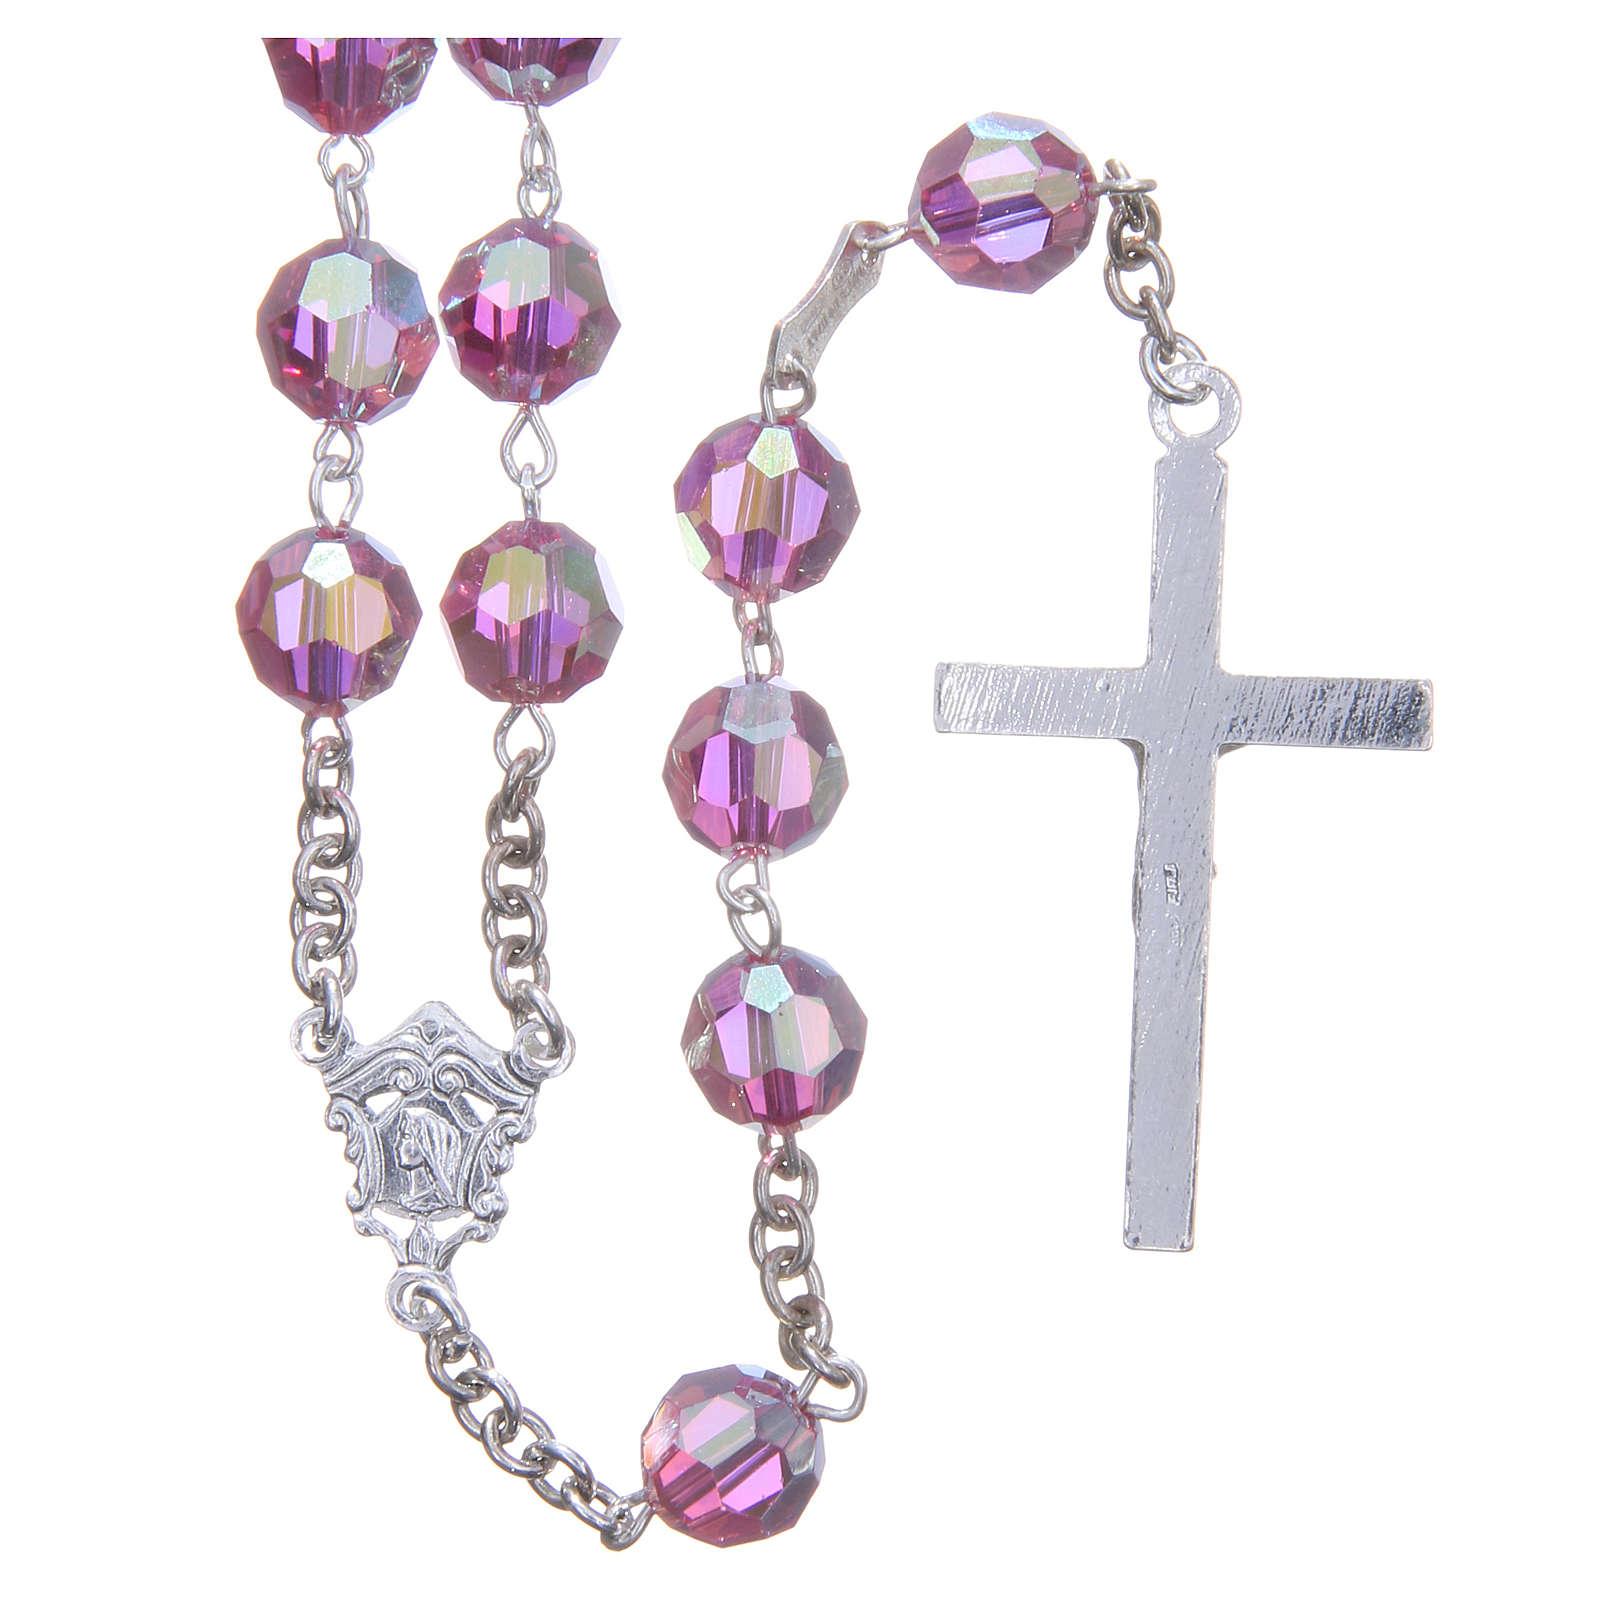 Rosenkranz aus 925er Silber und Perlen aus rosafarbenen 8 mm Swarovski-Kristallen 4